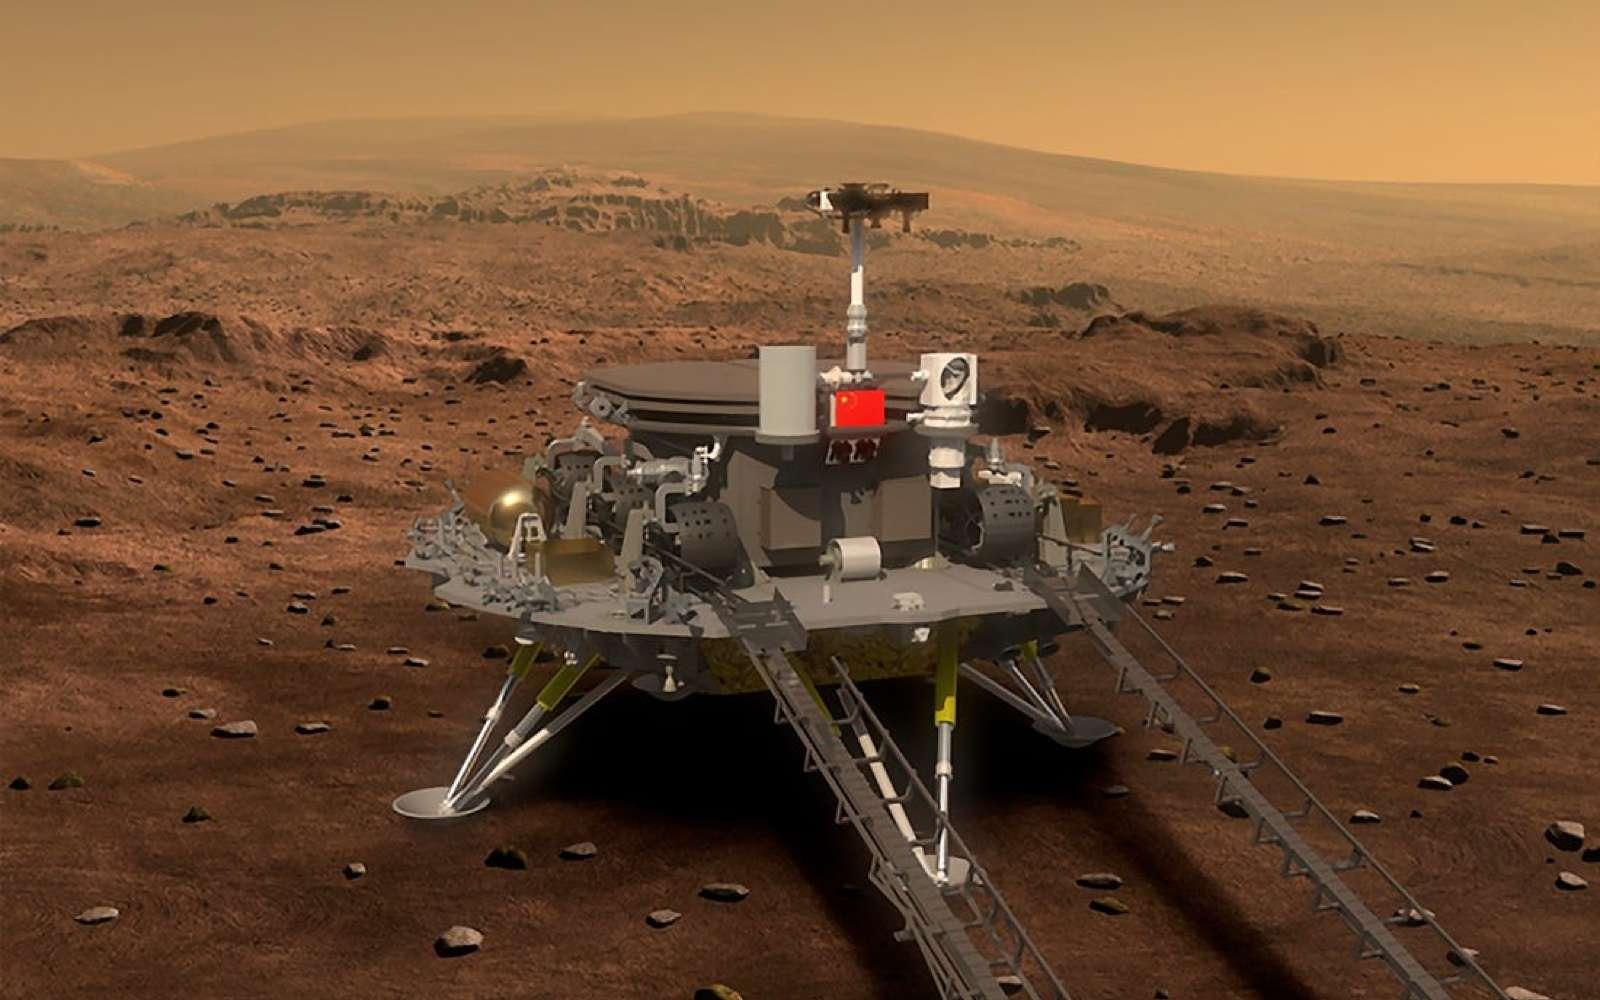 Vue d'artiste de l'atterrisseur martien de l'Agence spatiale chinoise. © CNSA